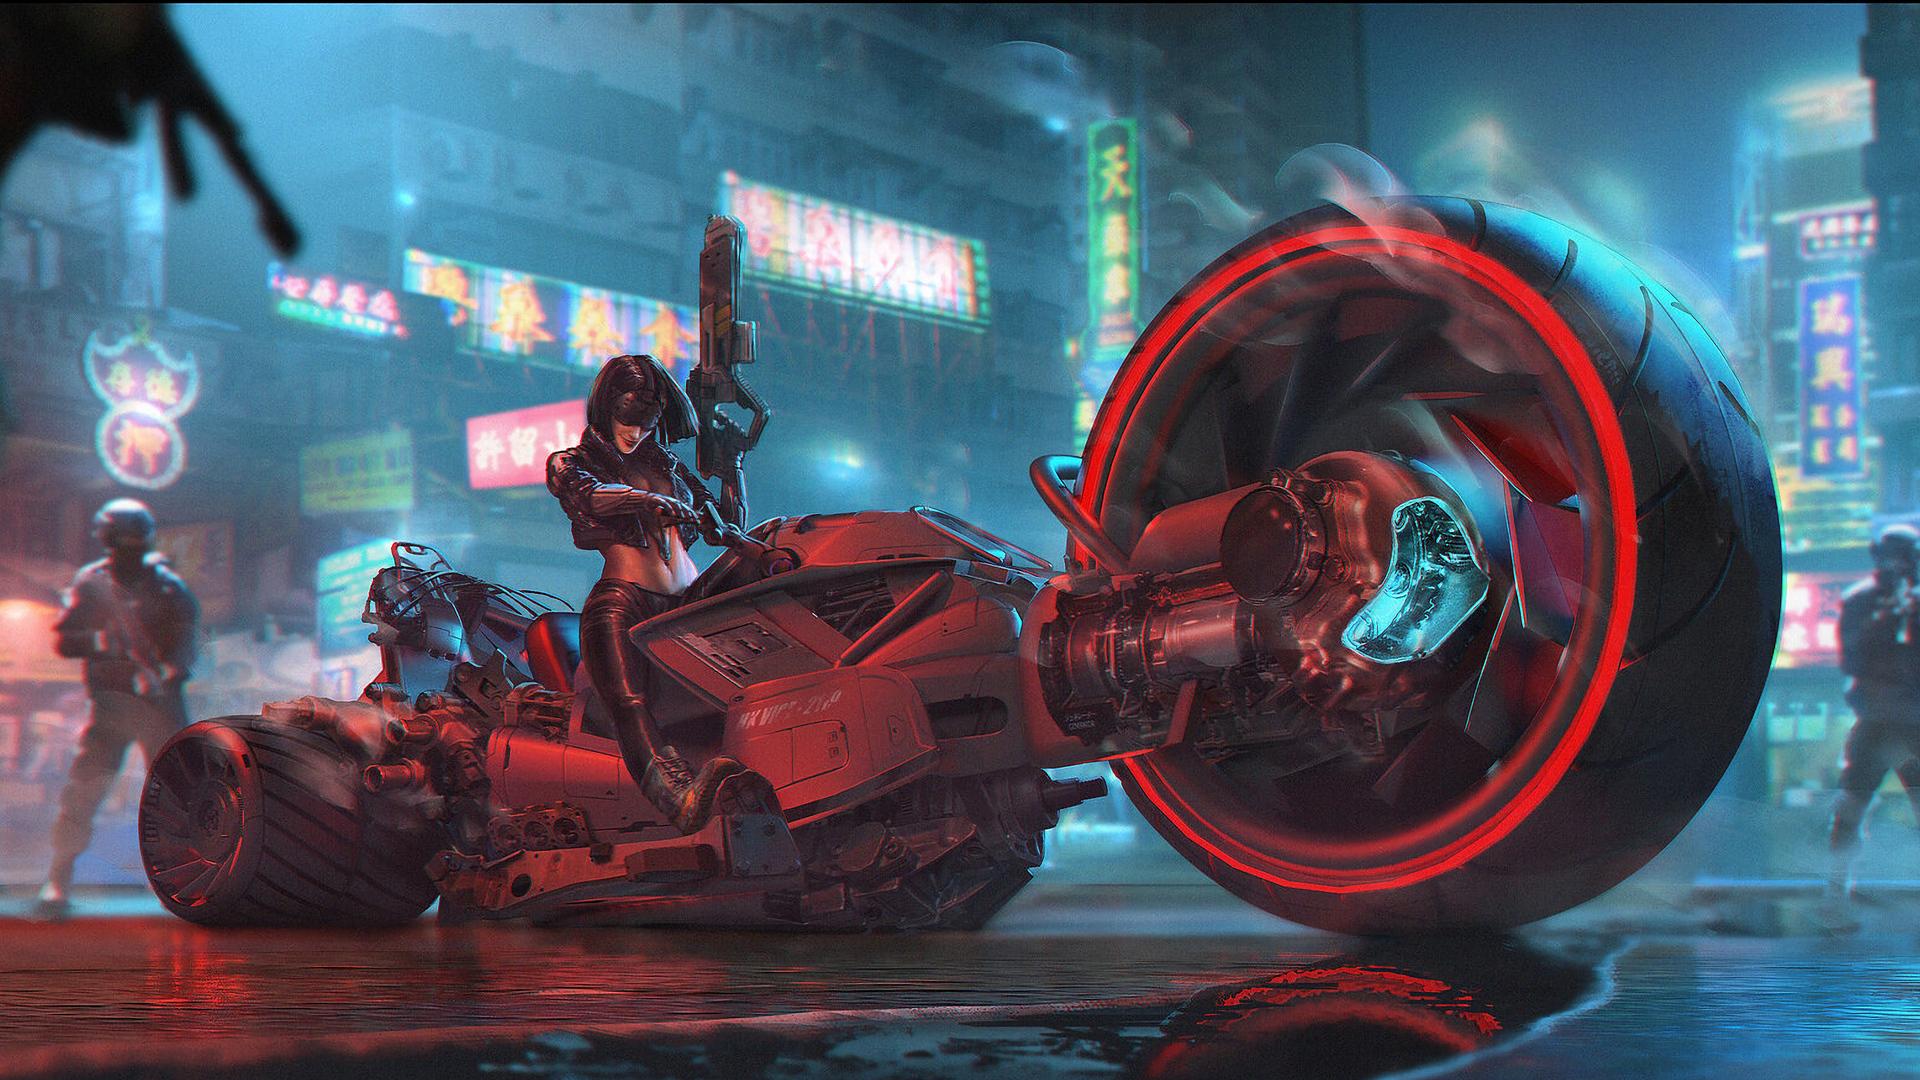 big-tire-cyberpunk-bike-rider-girl-v3.jpg